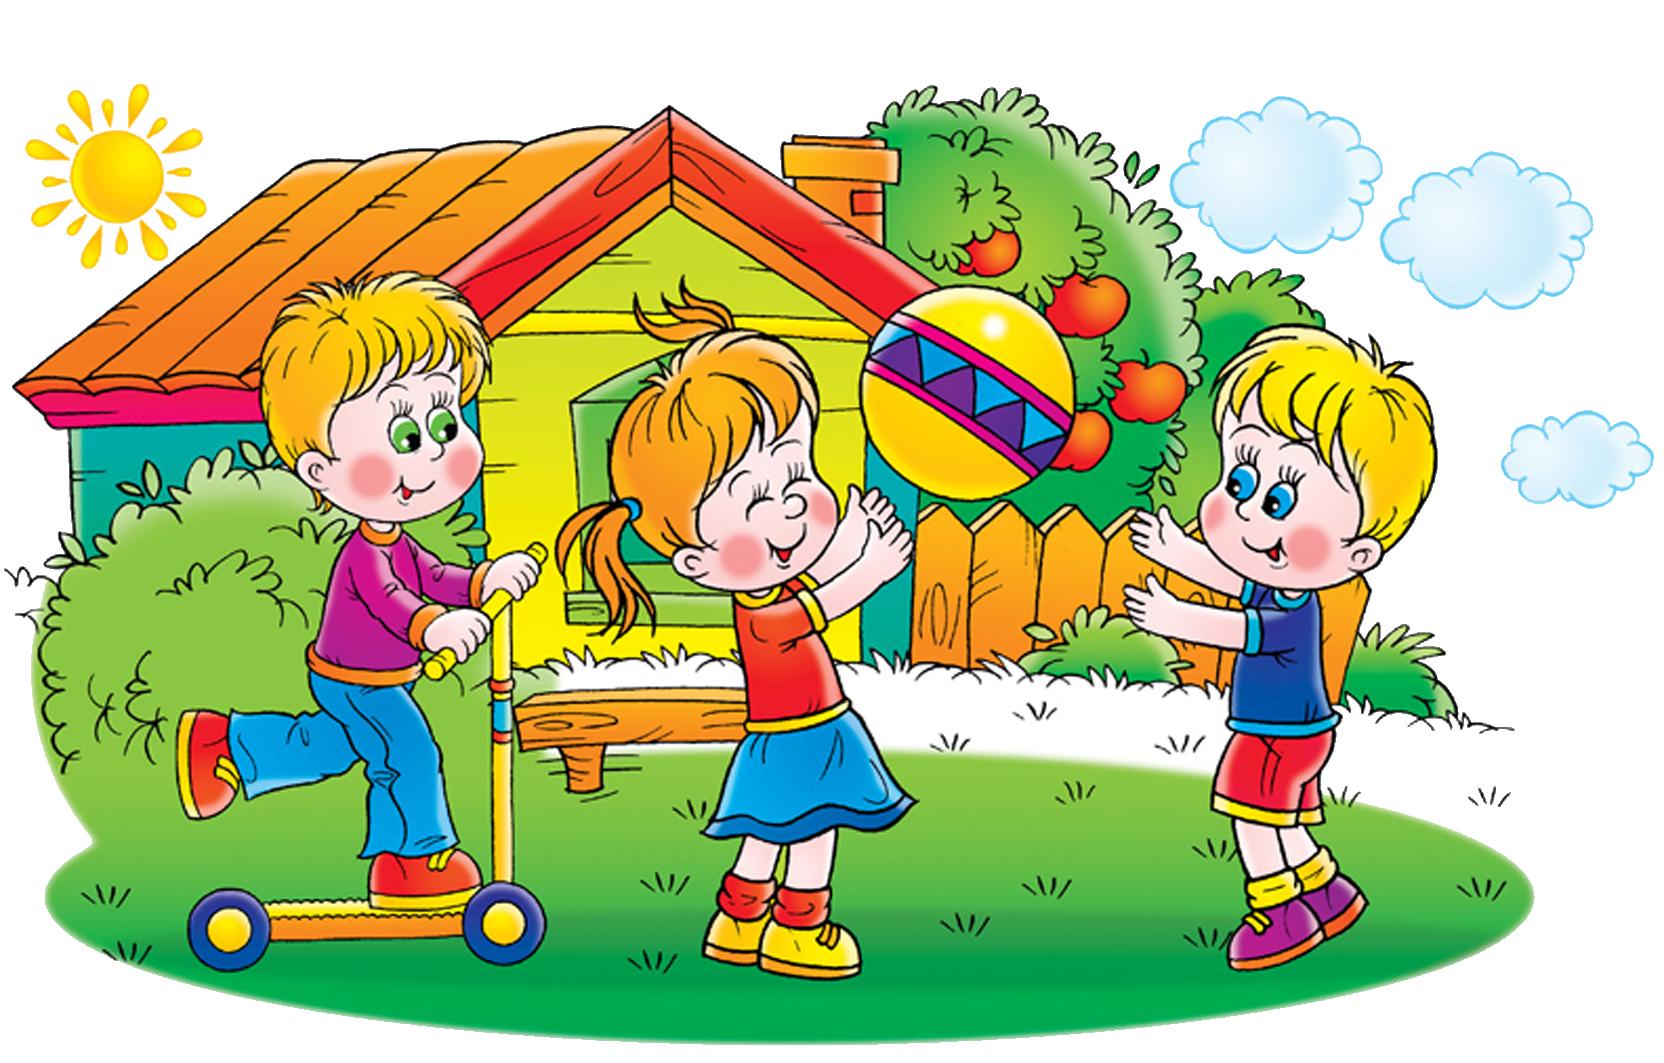 Картинки Дружба это Чудо  Игры Май Литл Пони  My Little